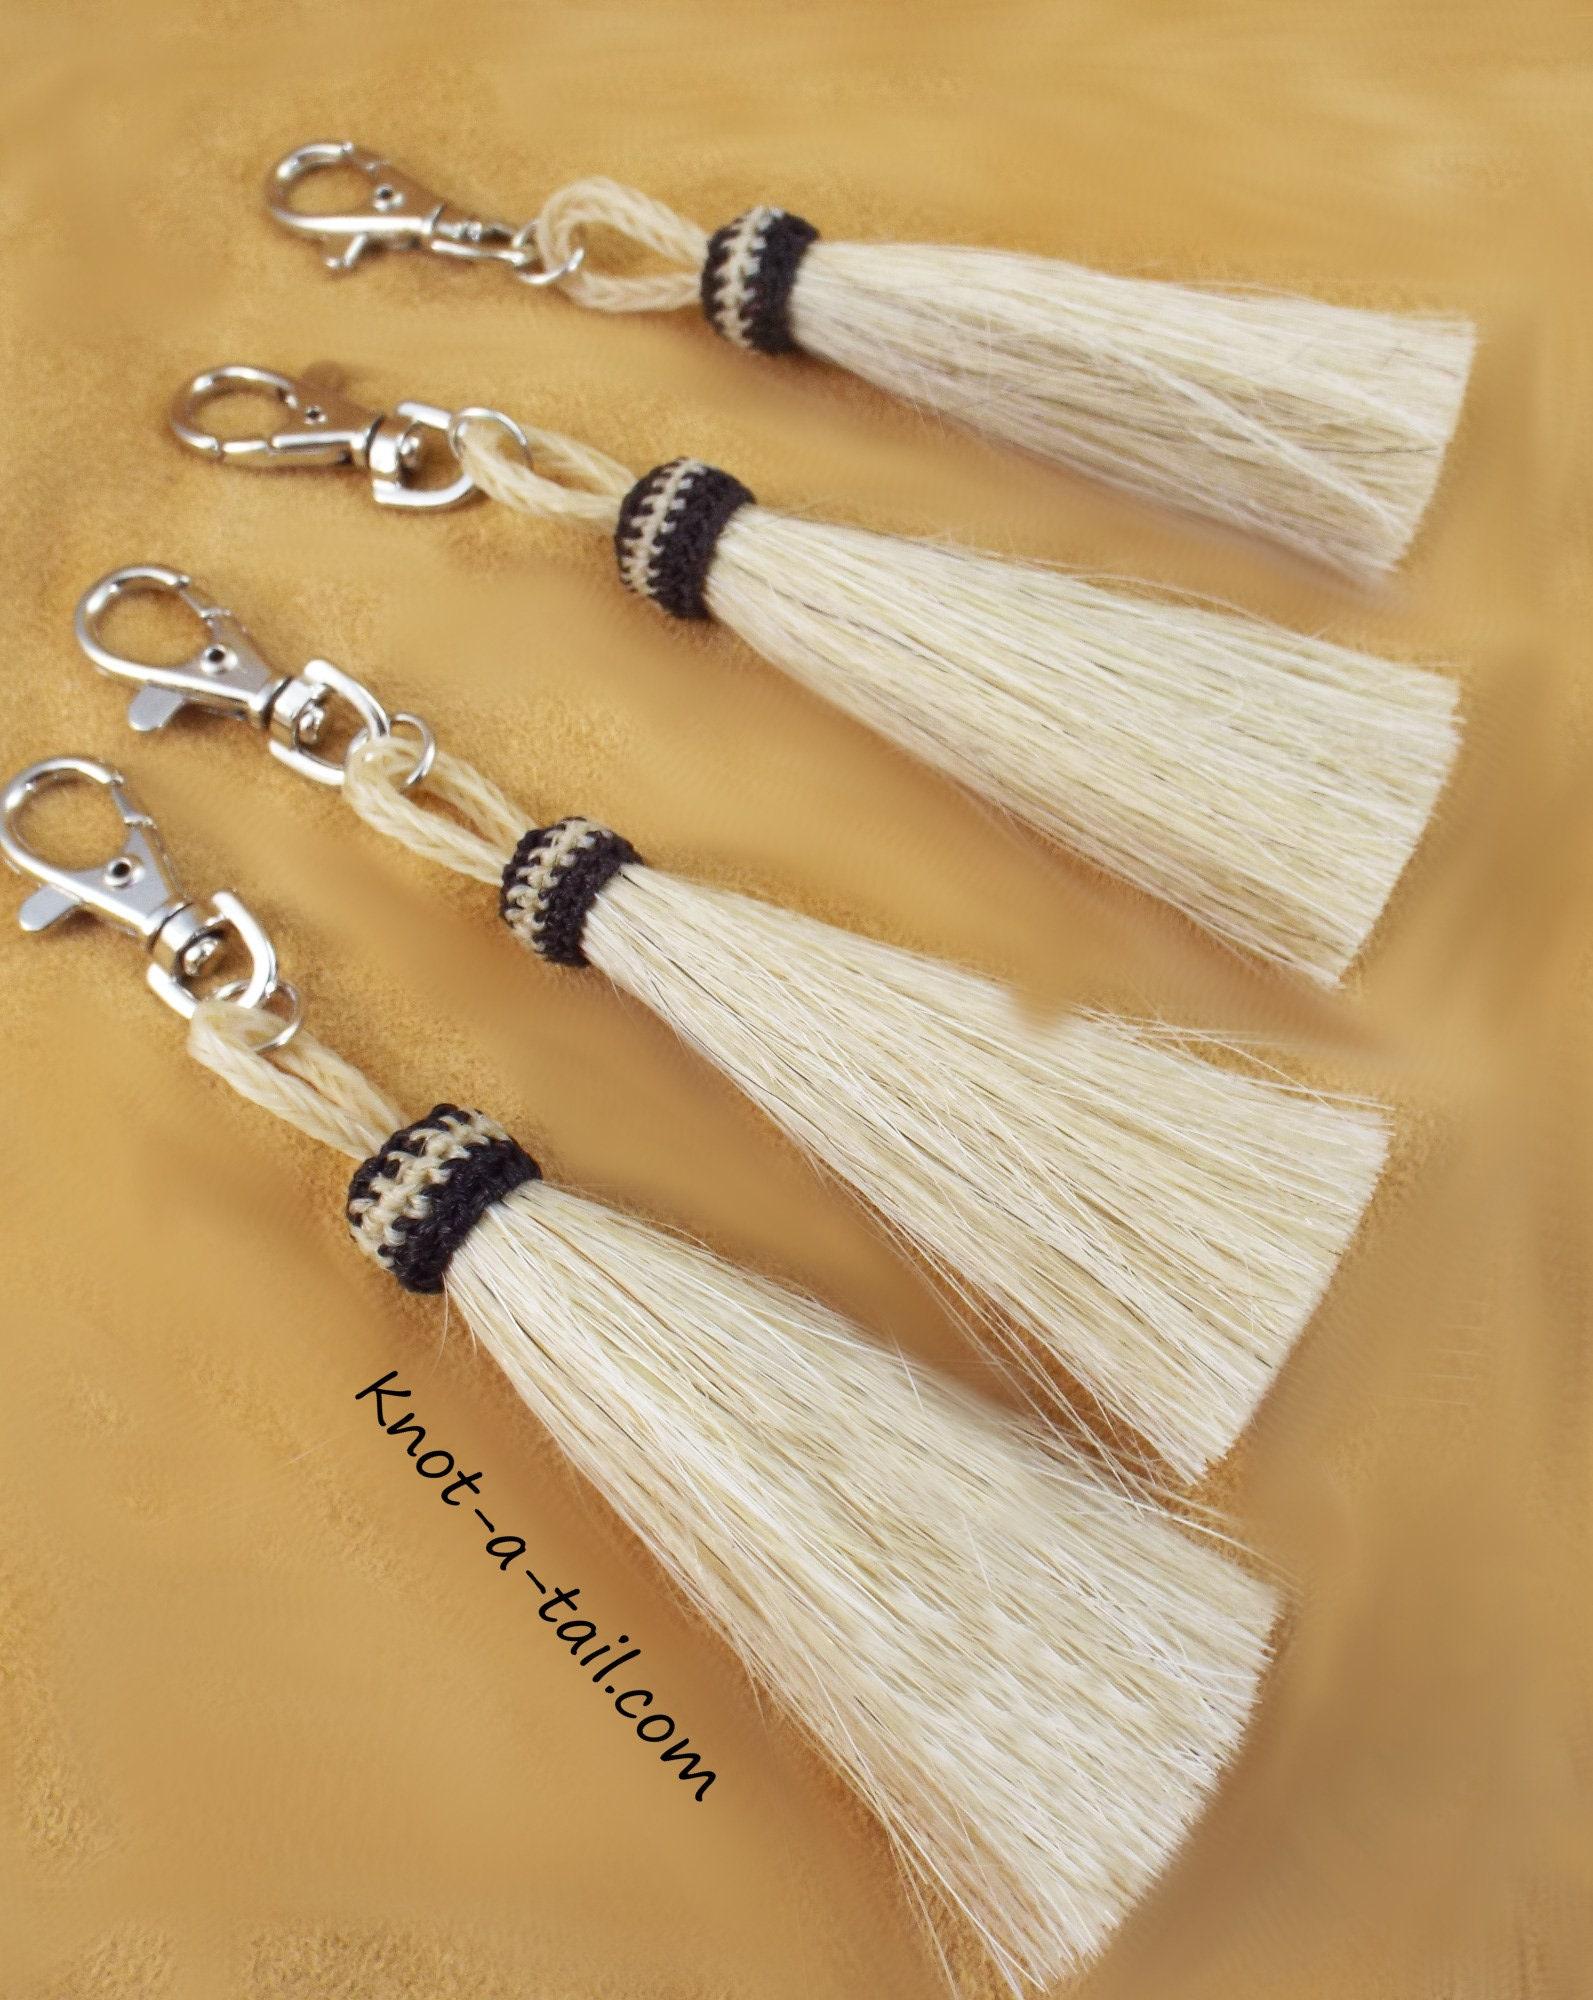 Horsehair tassel, Swivel snap, white, 6 INCH, horsehair tassel, tassel, Snap-on bags, purse, horsehair tassel, Bridle tassel, easy-on,